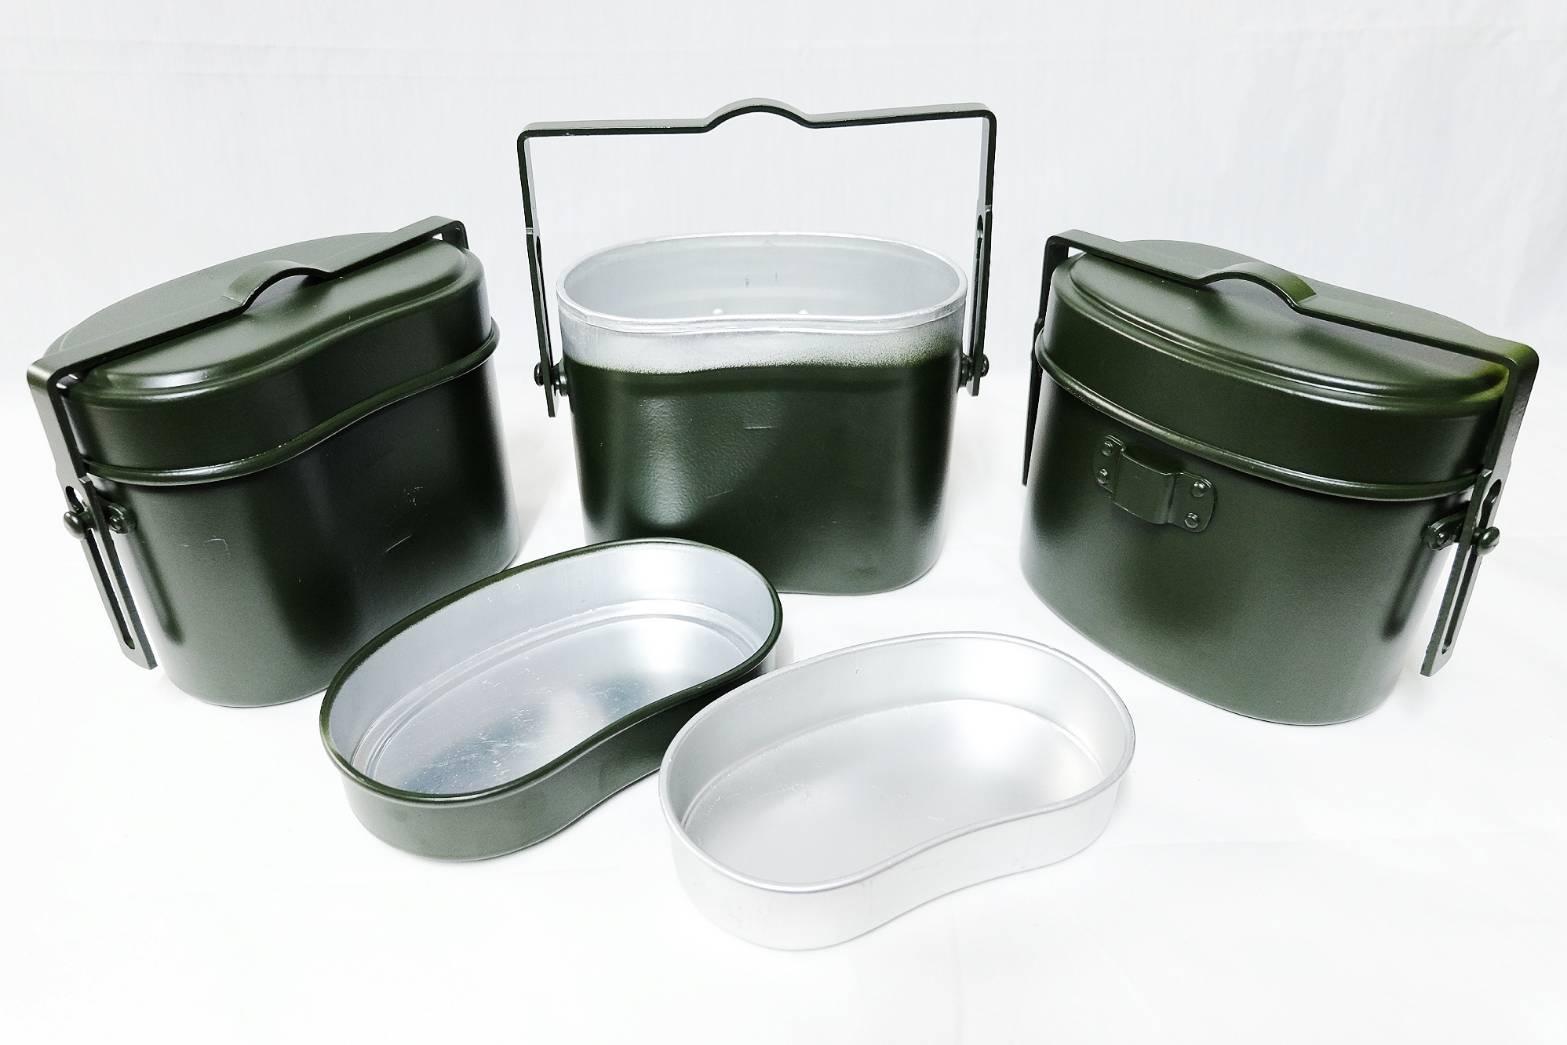 6 ชุดหม้อสนาม สำหรับทำกับข้าวคุณภาพเยี่ยม ที่เหล่าสาวกแคมป์ปิ้งต้องมีติดกระเป๋าไว้ !6